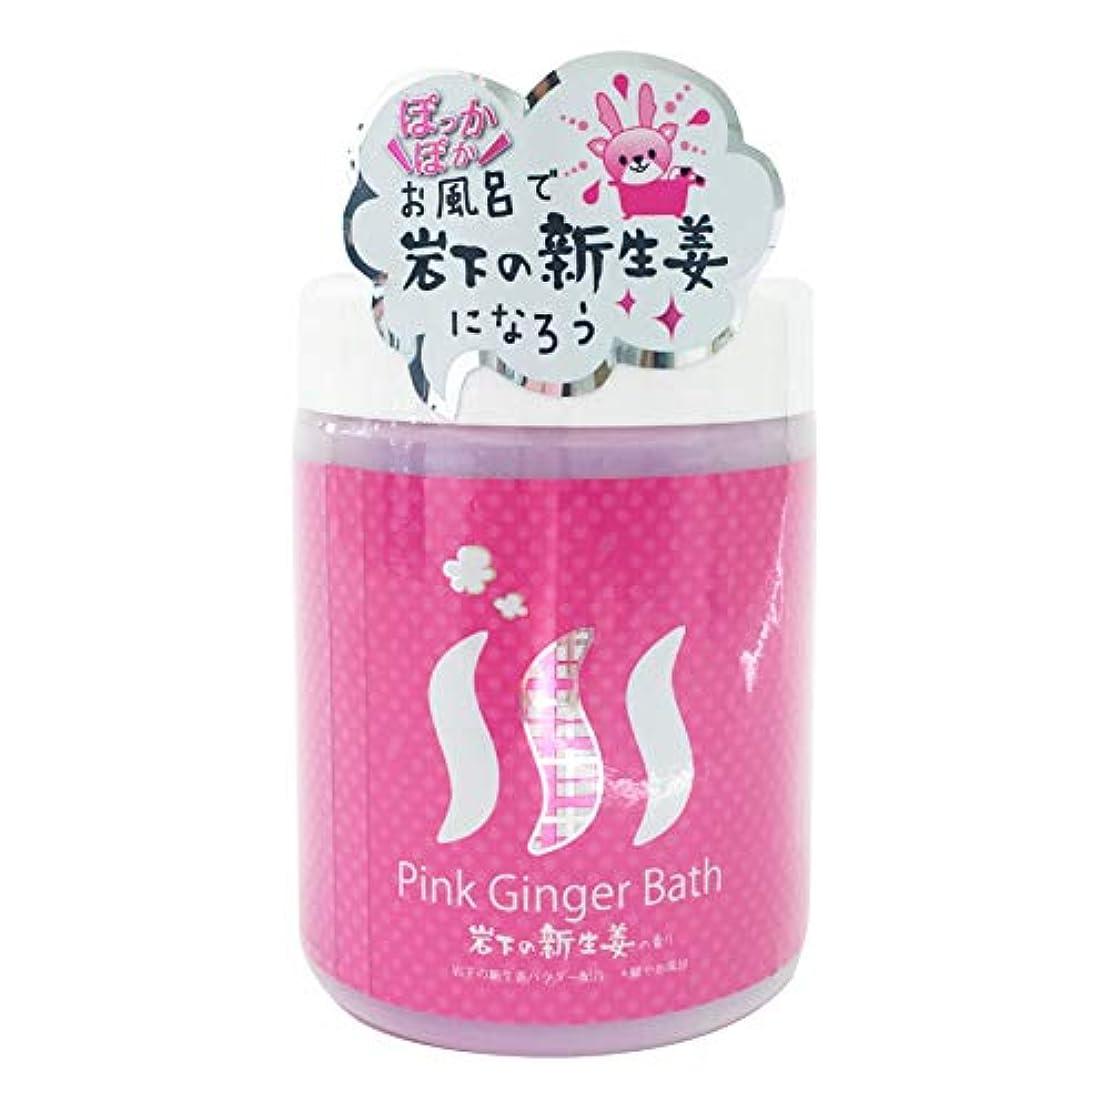 朝森林気楽なピンクジンジャーバス 入浴剤 岩下の新生姜の香り 370g(7回分)